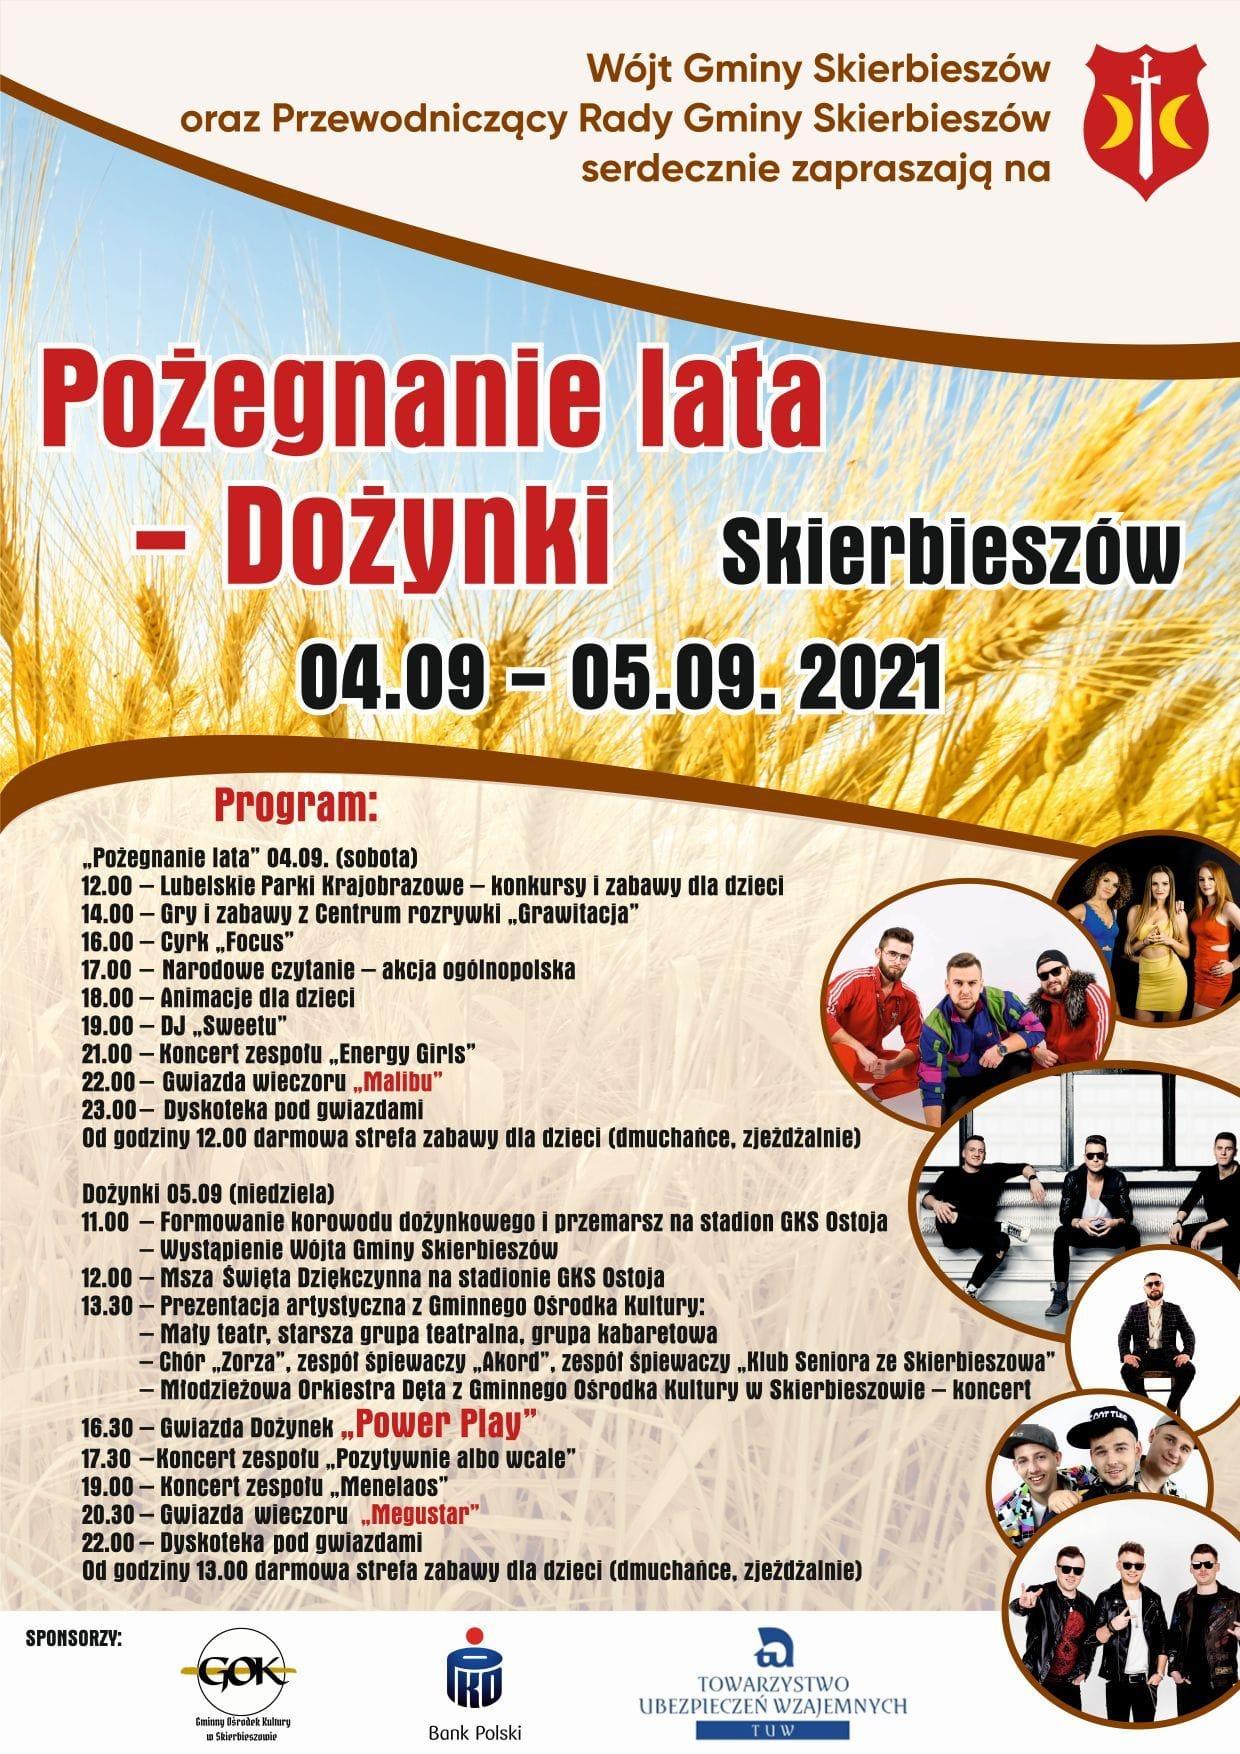 240876932 2014672182014284 7235935665798629078 n Dożynki gminne i pożegnanie lata. Dwudniowe święto w Skierbieszowie.